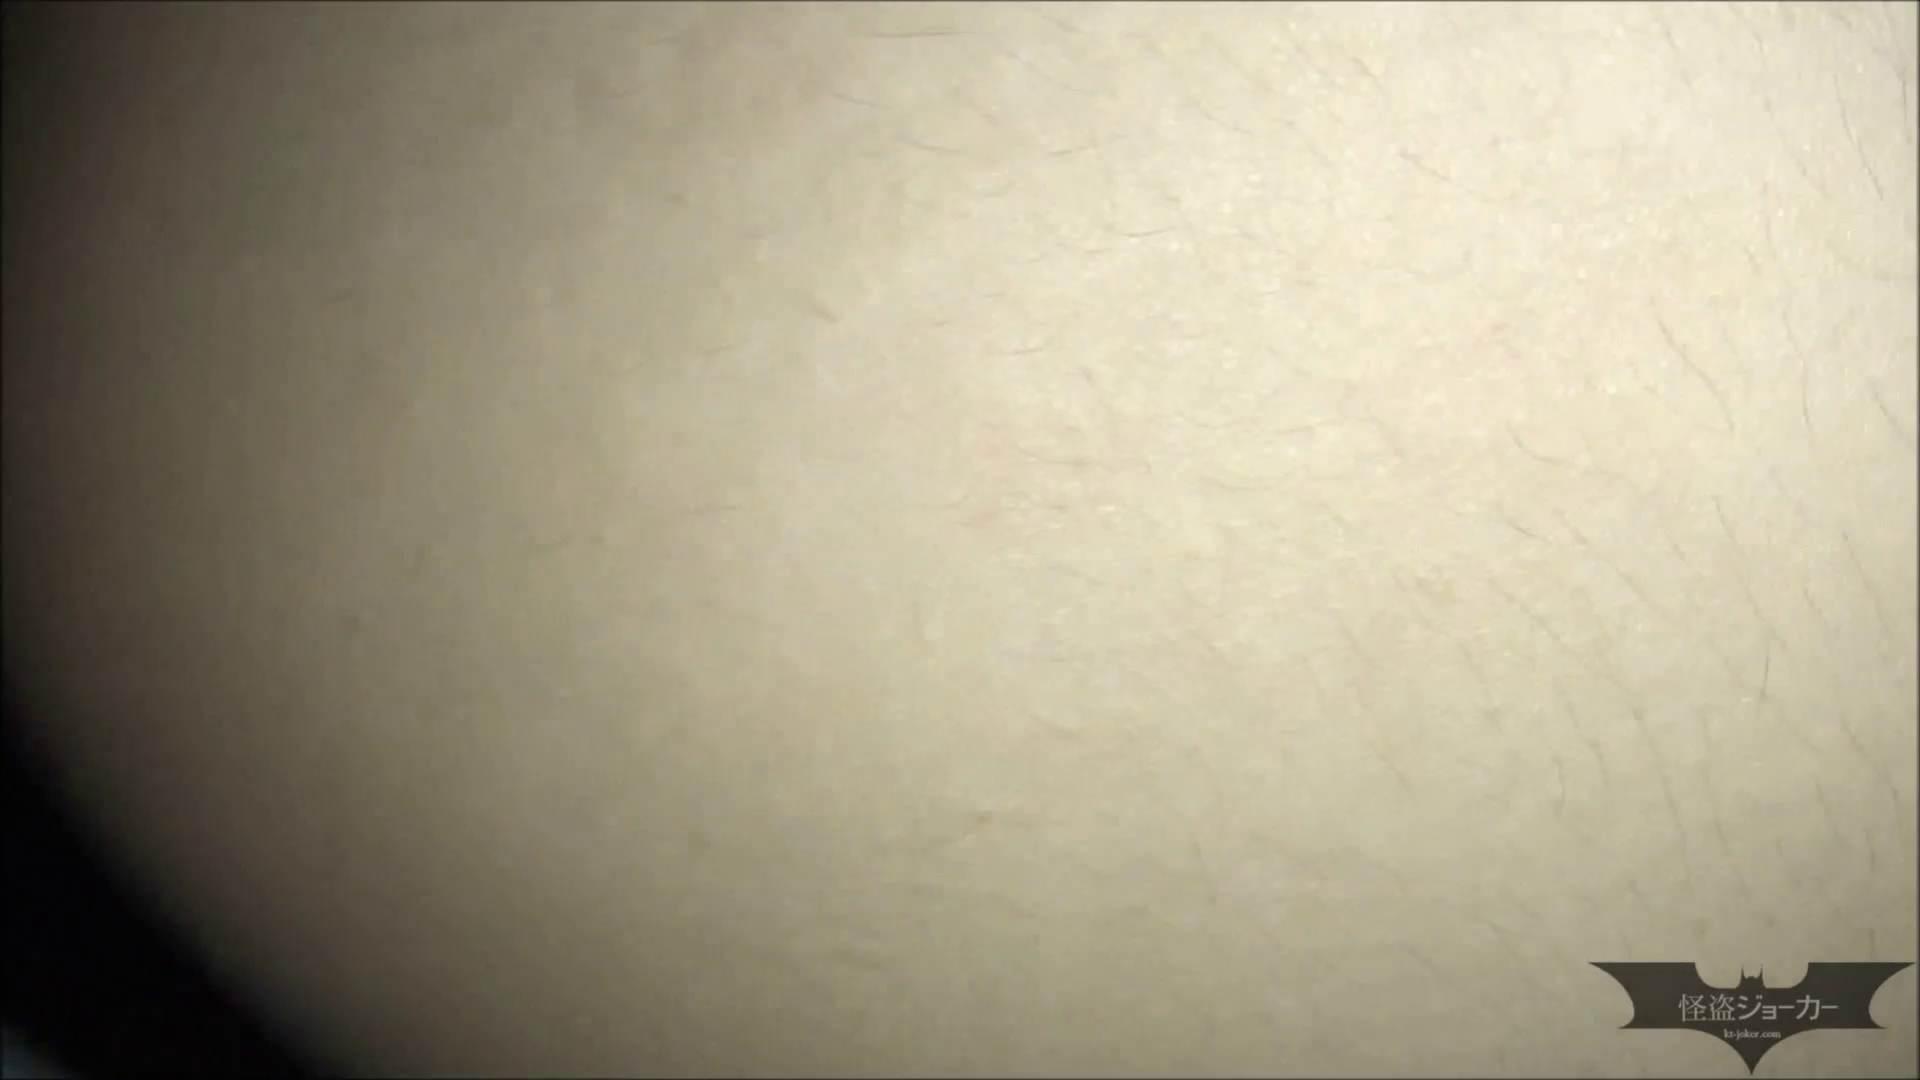 【未公開】vol.55【小春】夏休みの変化。 美肌 ヌード画像 106枚 69